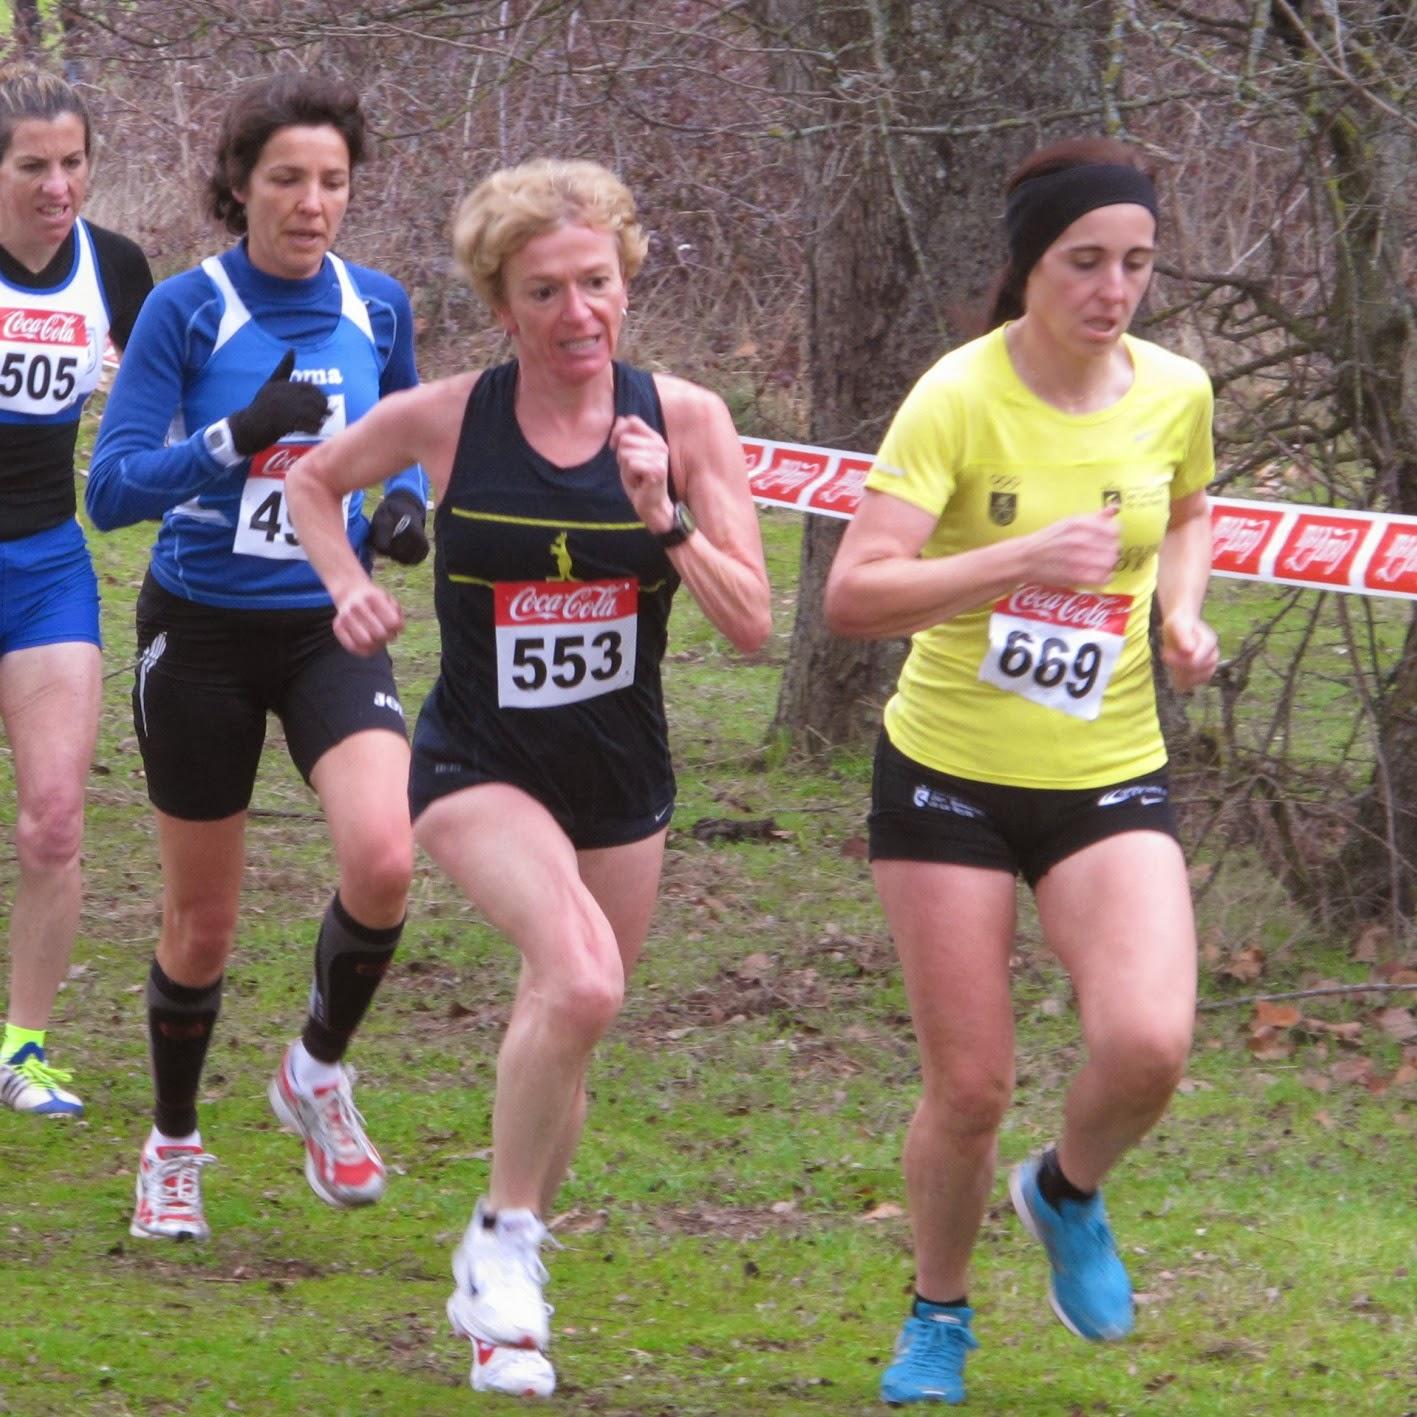 Club de atletismo canguro aac mucha luz en villalba campeonato de madrid veteranos de cross 2014 - Canguro en casa madrid ...